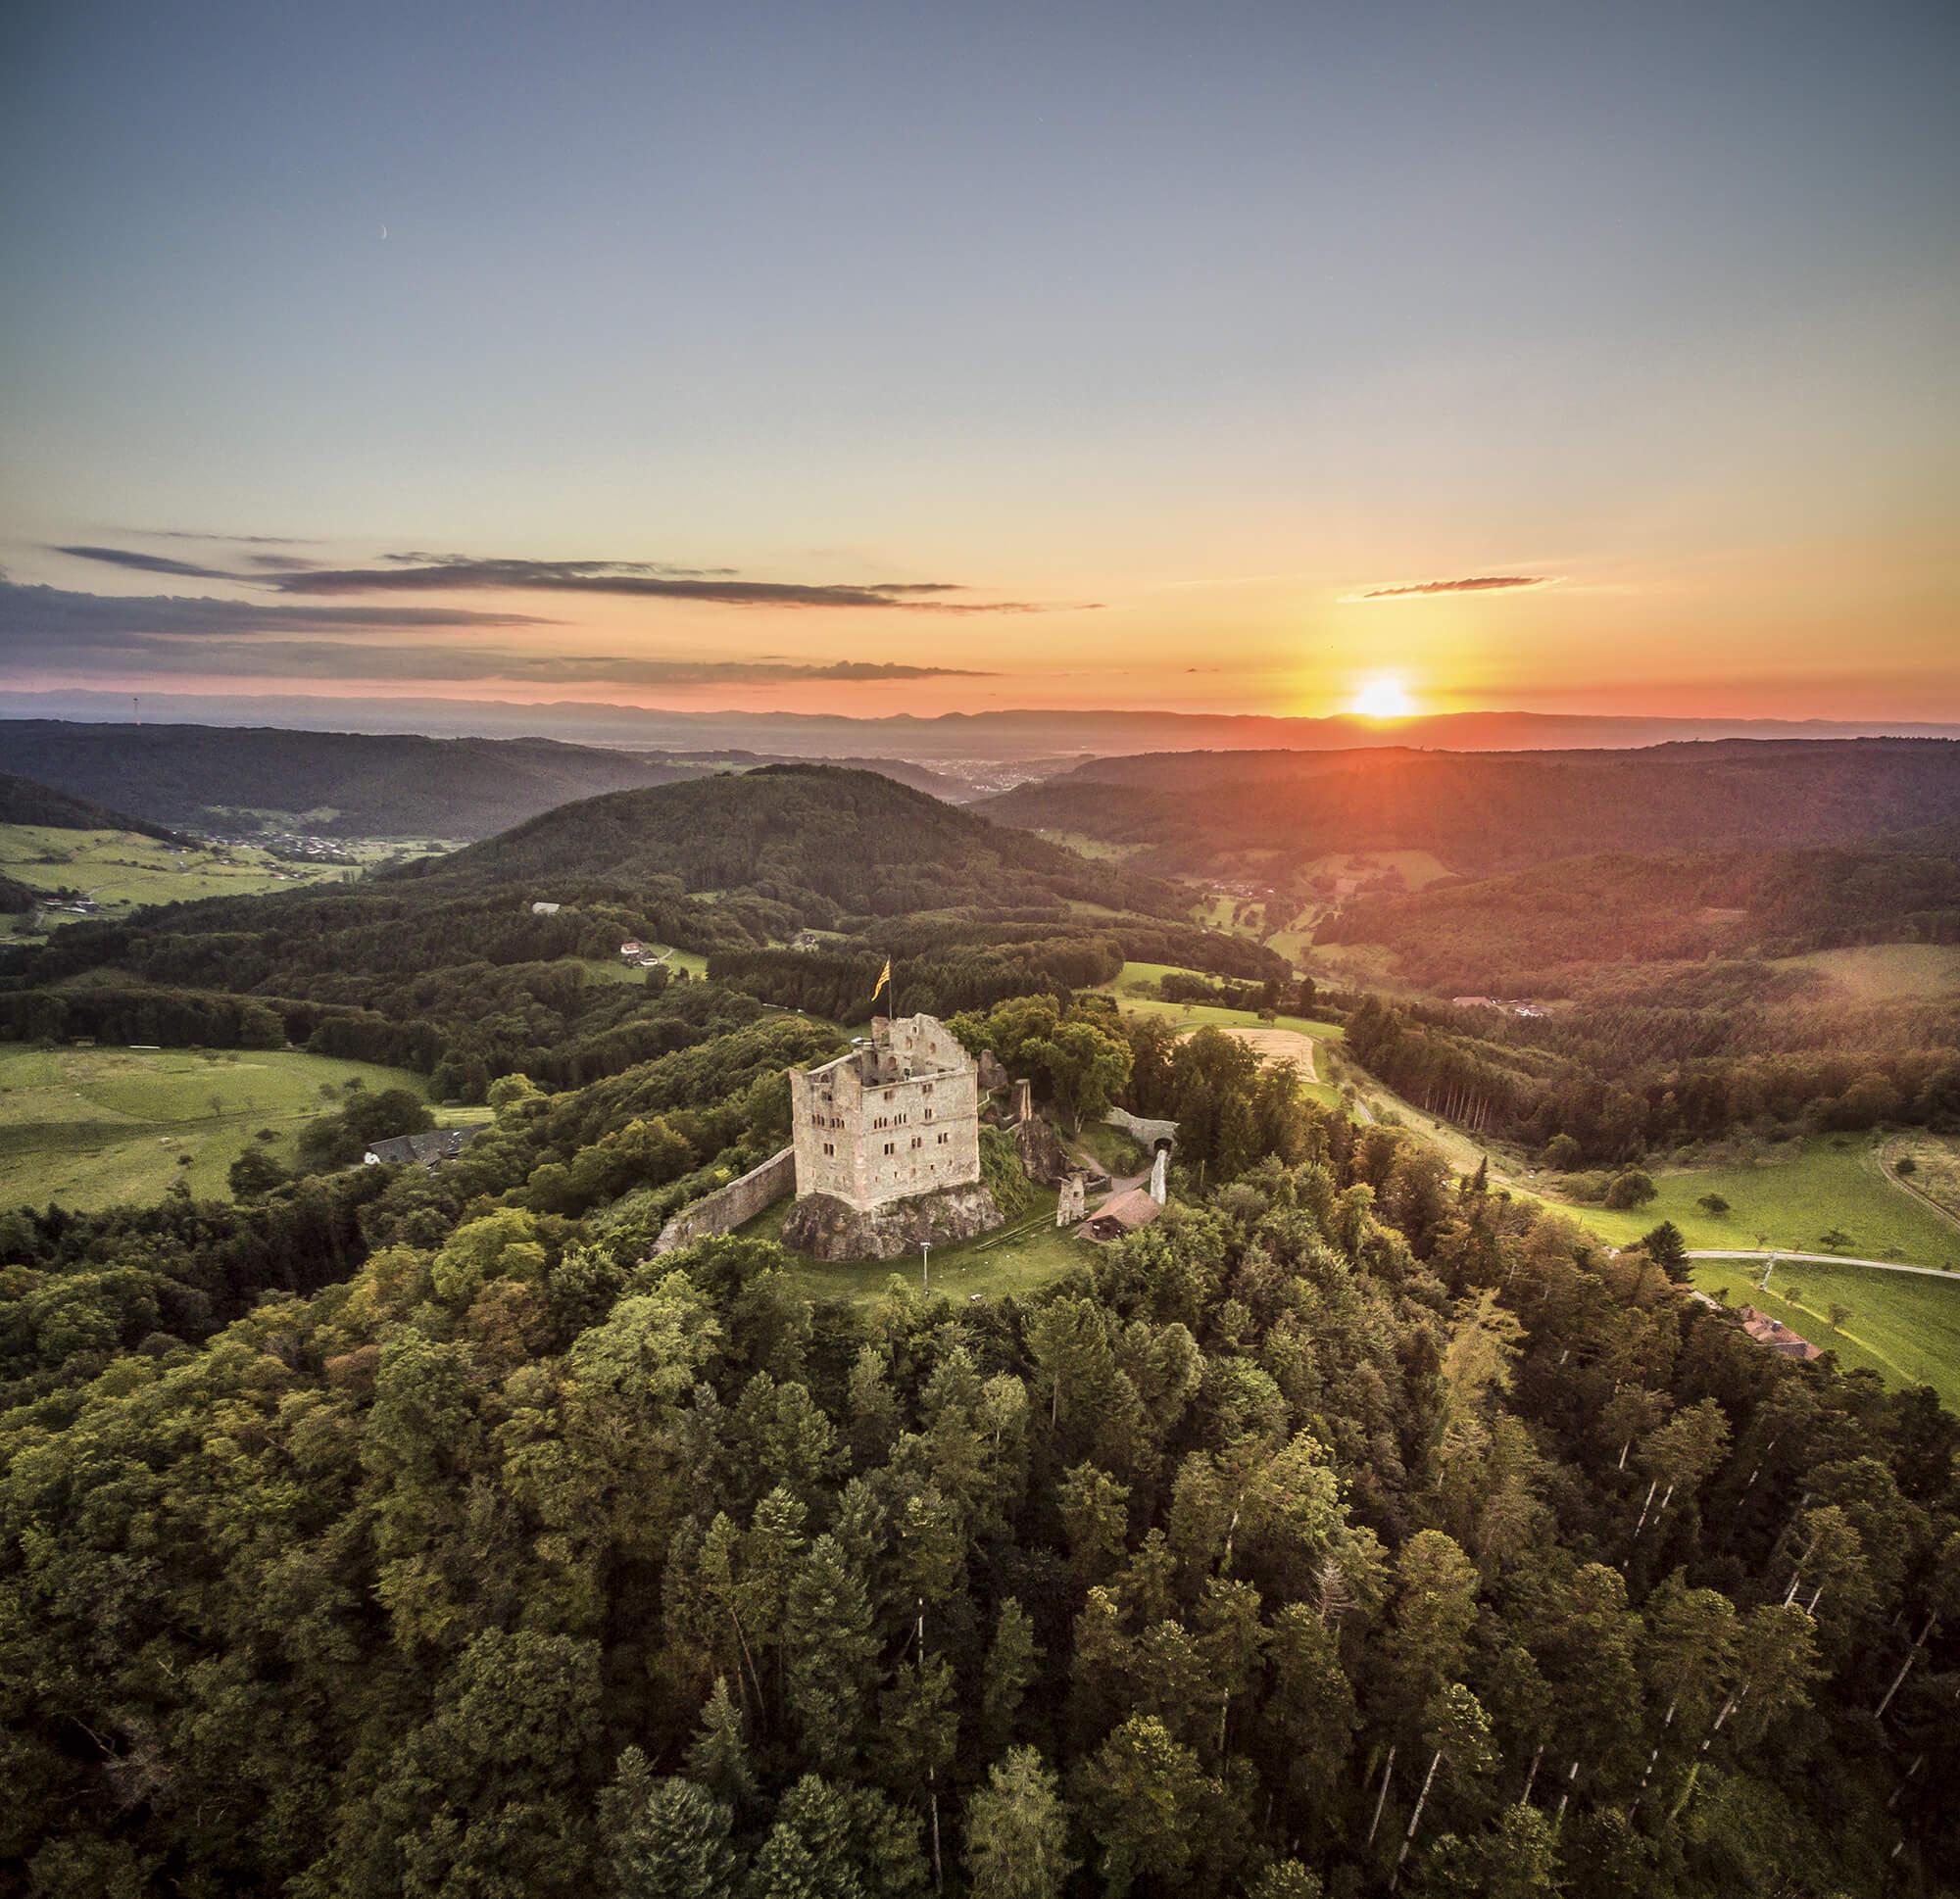 Burgruine Hohengeroldseck © Chris Keller / STG